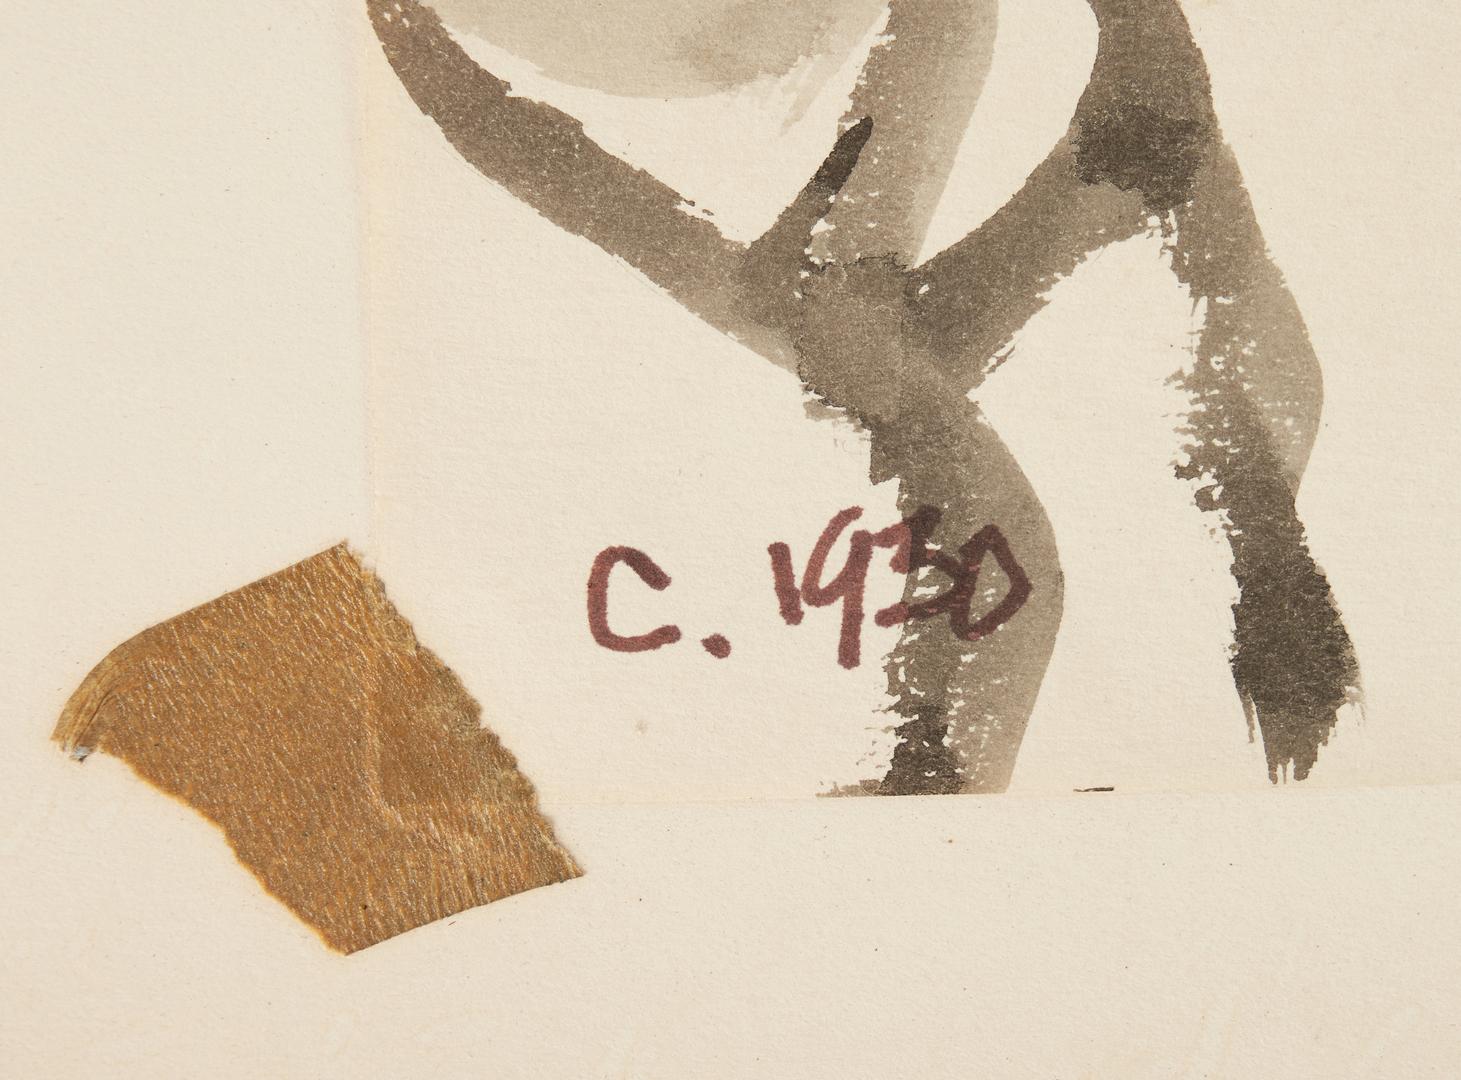 Lot 535: 3 Joseph Delaney Drawings on Paper, incl. Portrait, Nudes